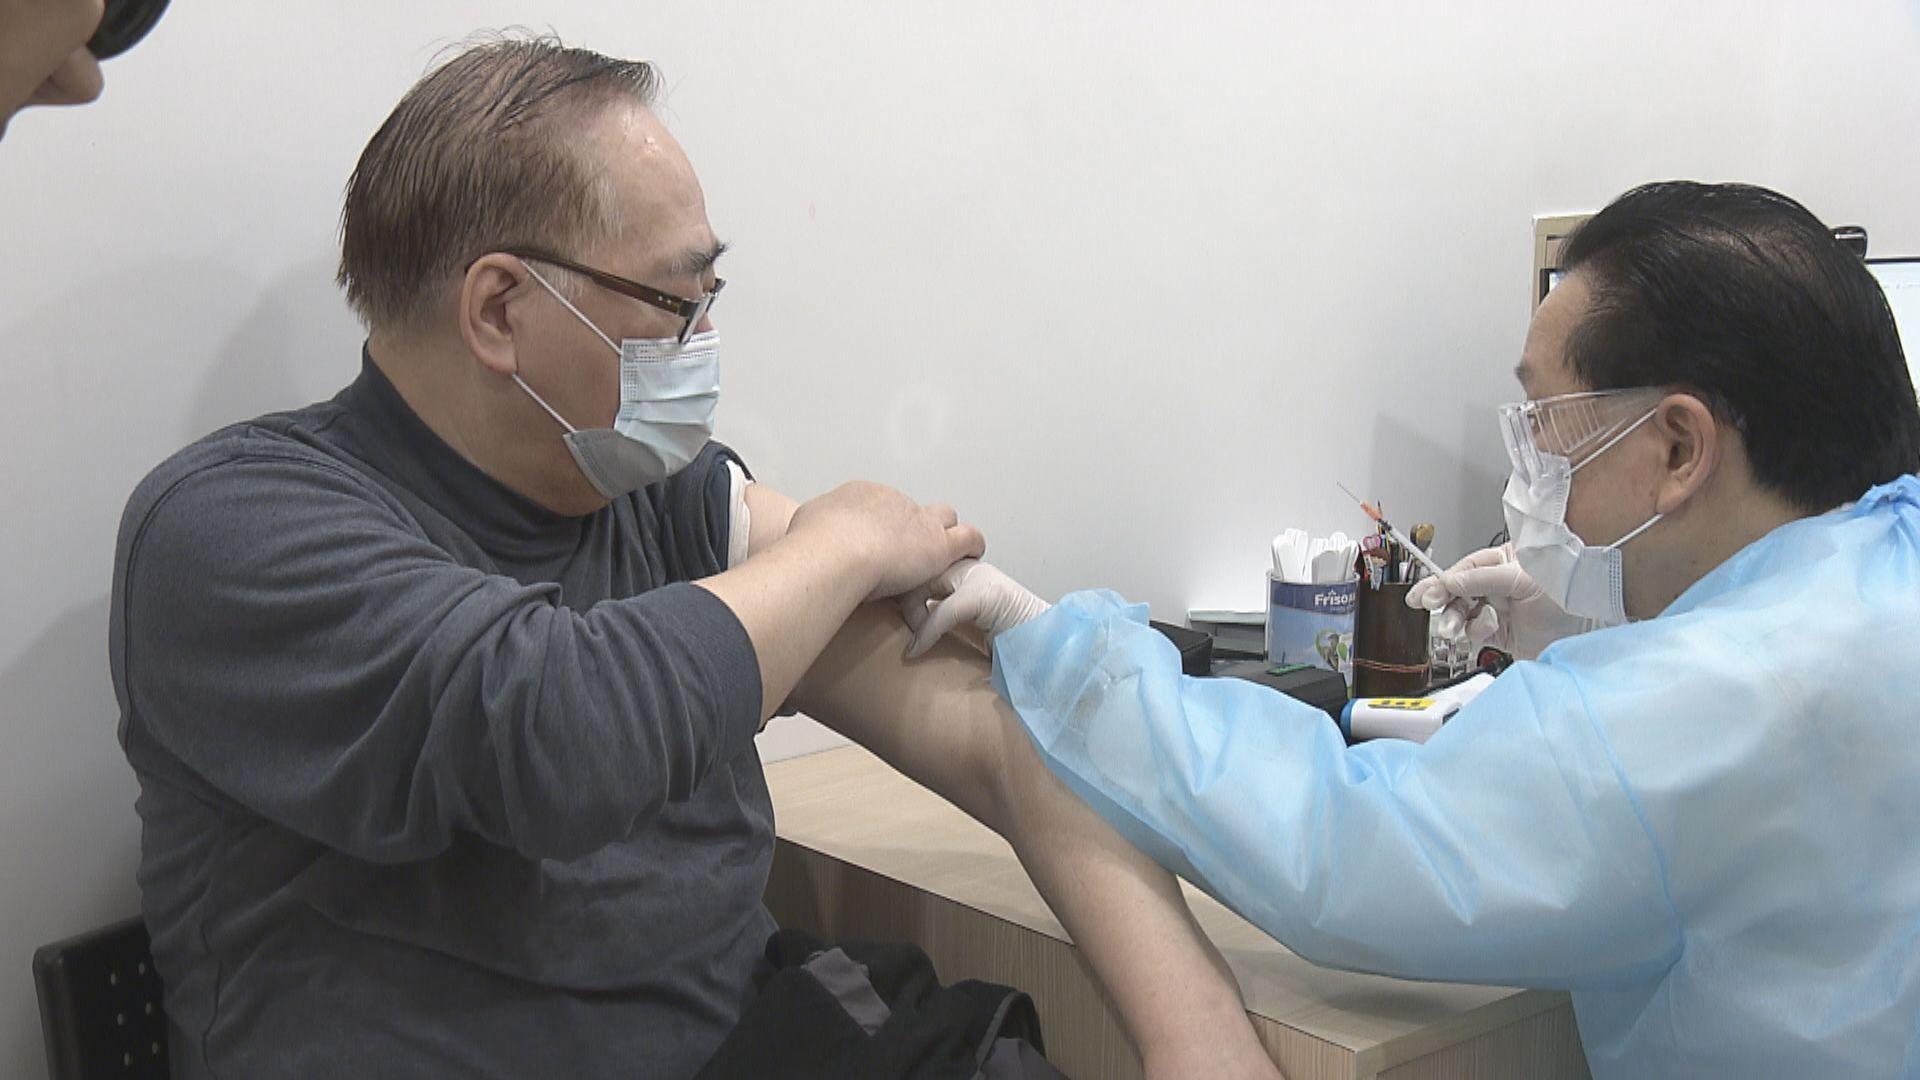 科興:接種第三劑新冠疫苗可能是必須